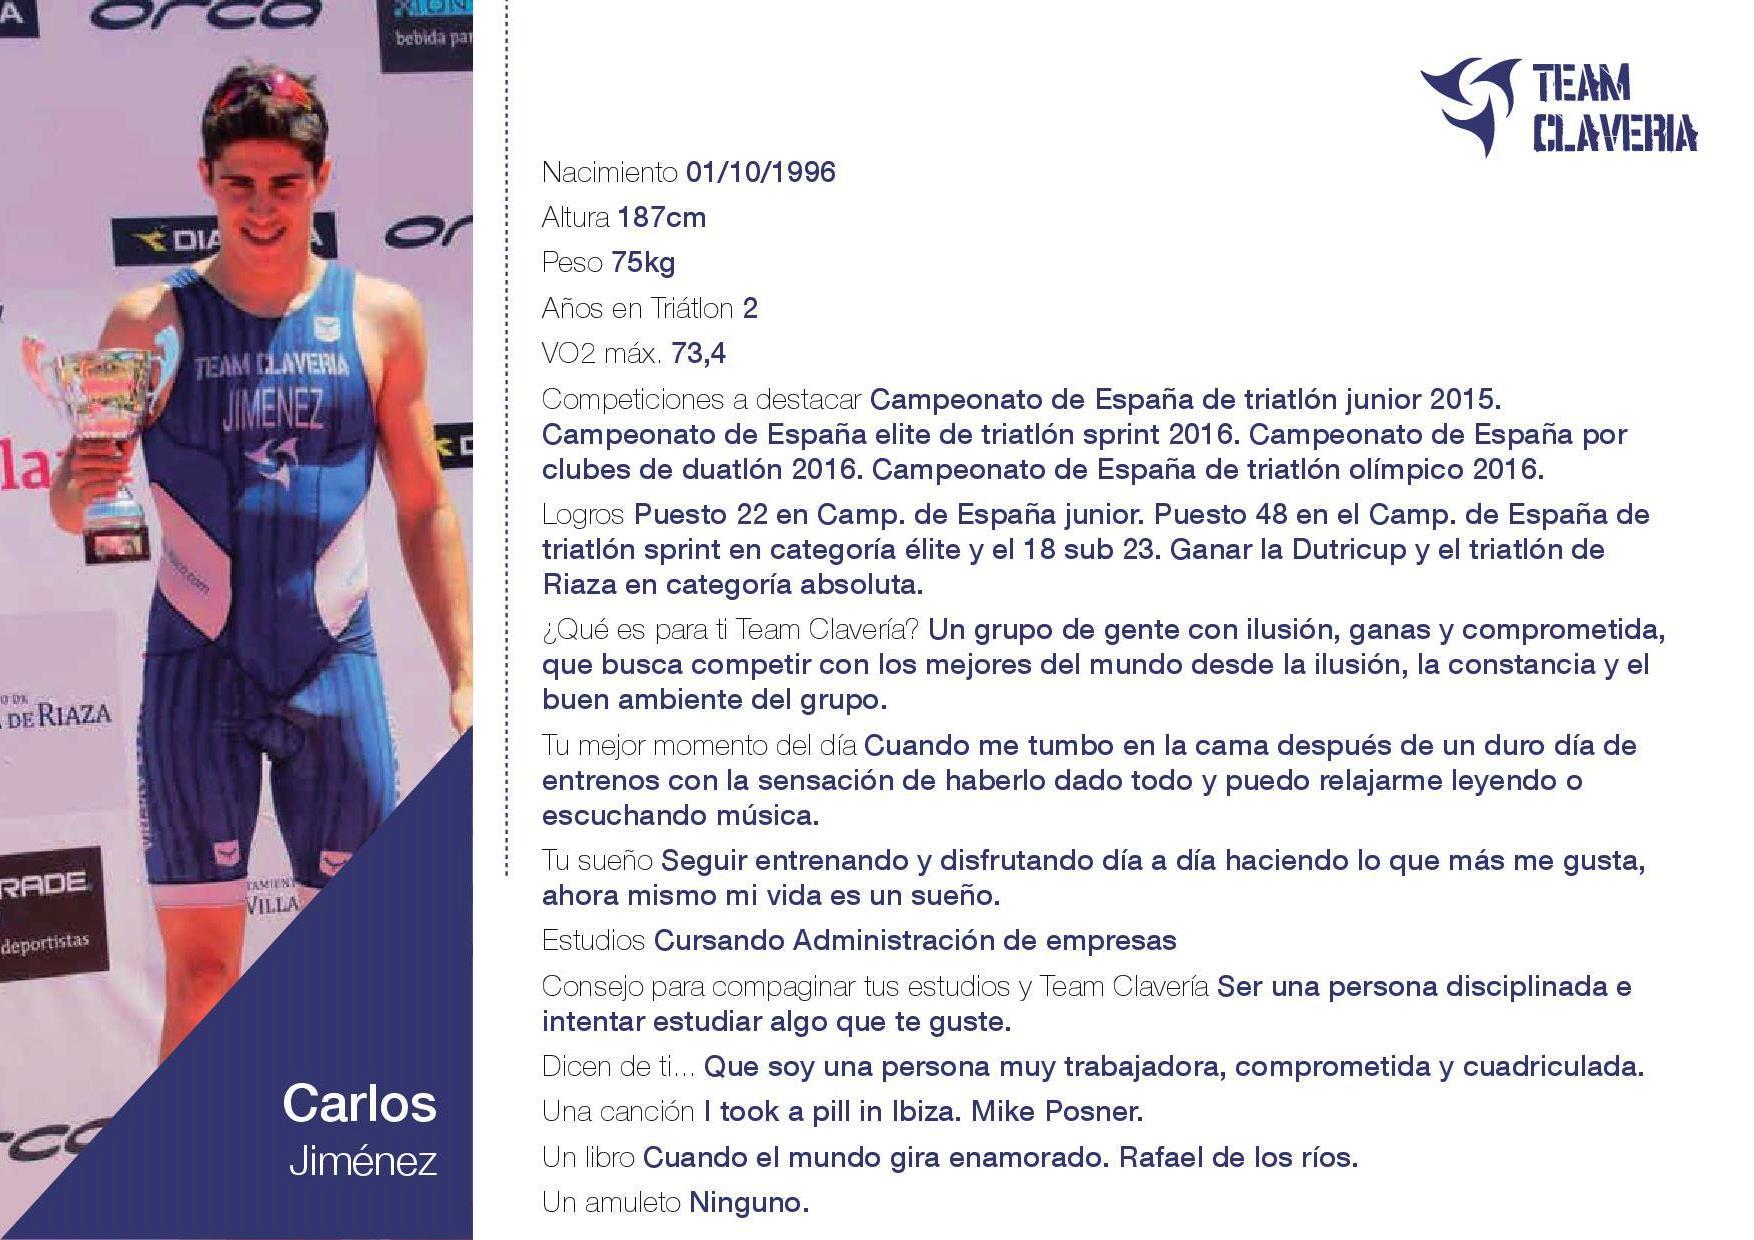 TeamClaveria-Carlos jimenez anasagasti ficha